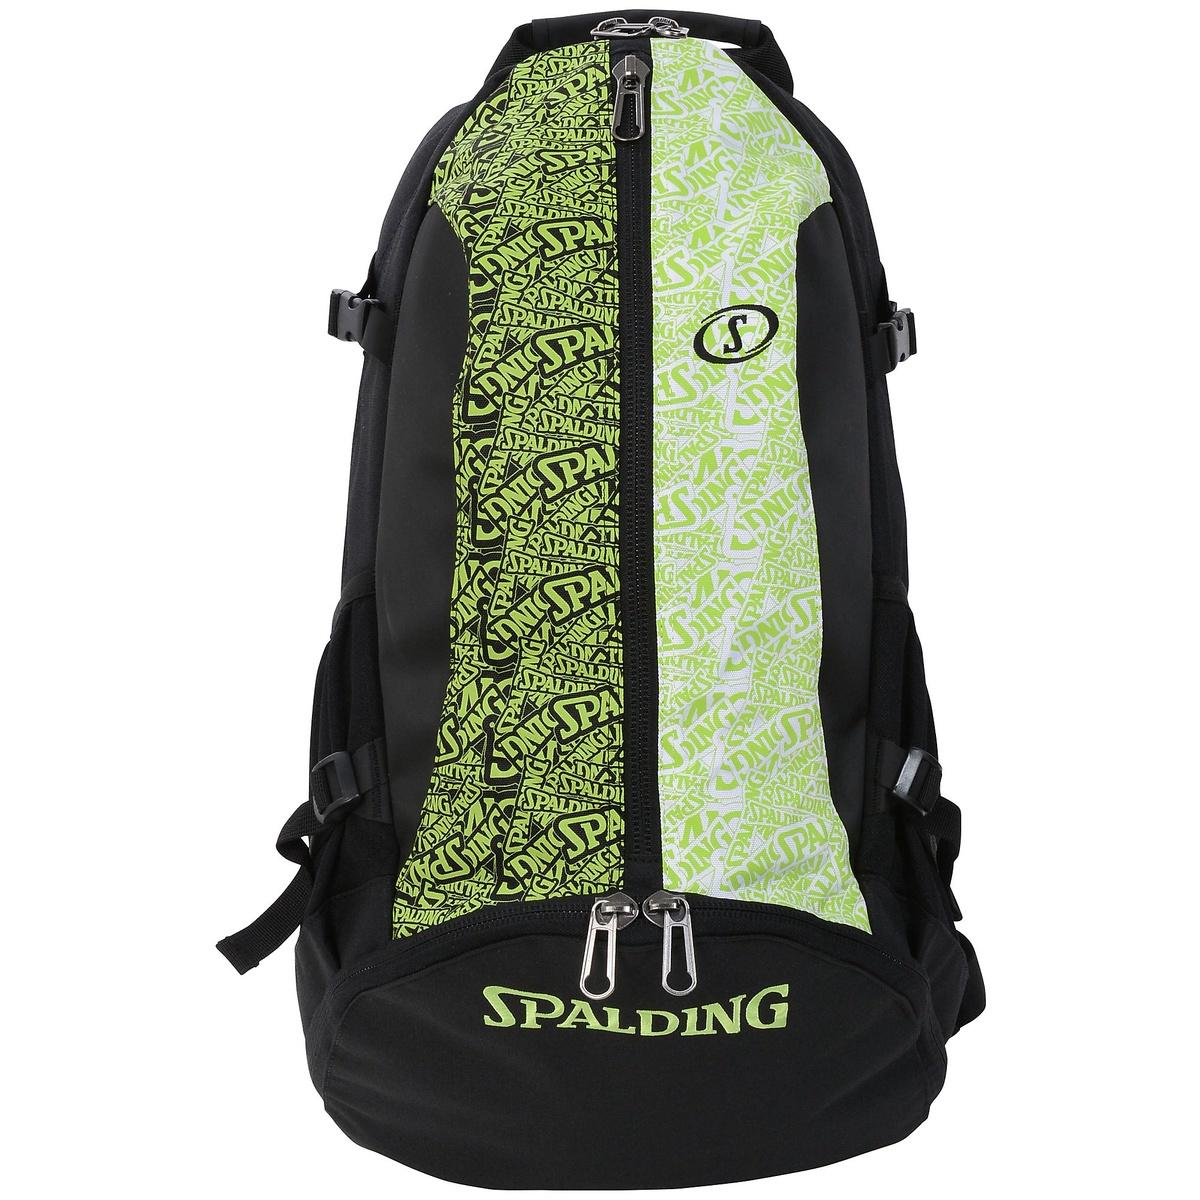 ● 【送料無料】 SPALDING (スポルディング) バスケットボール バッグ ケイジャー SDライム SA F LIME 40-007SDL